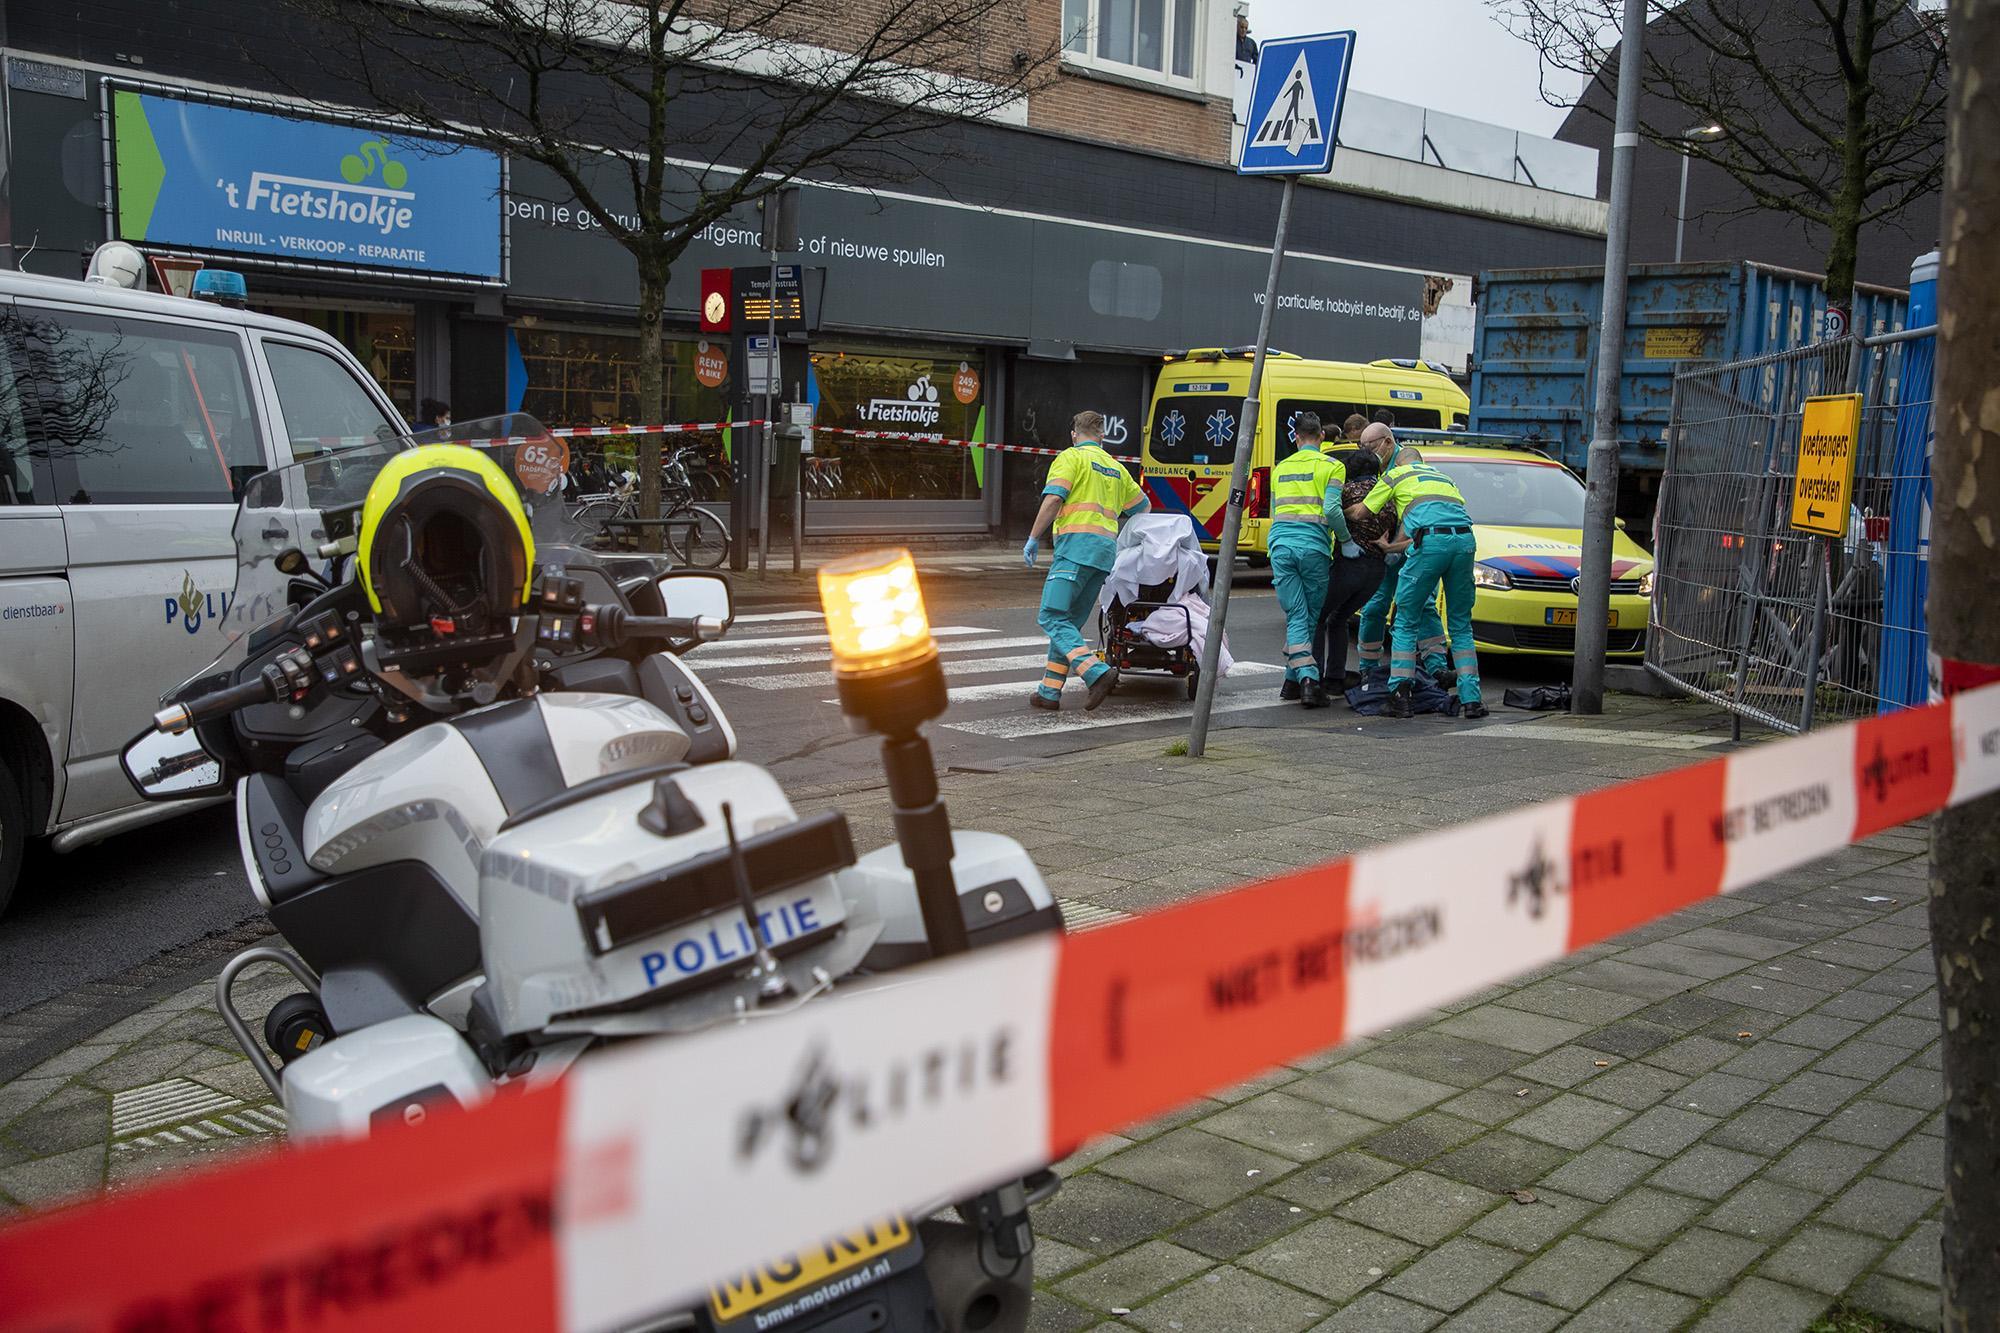 Vrouw aangereden door vrachtwagen in Haarlem, gewond naar ziekenhuis